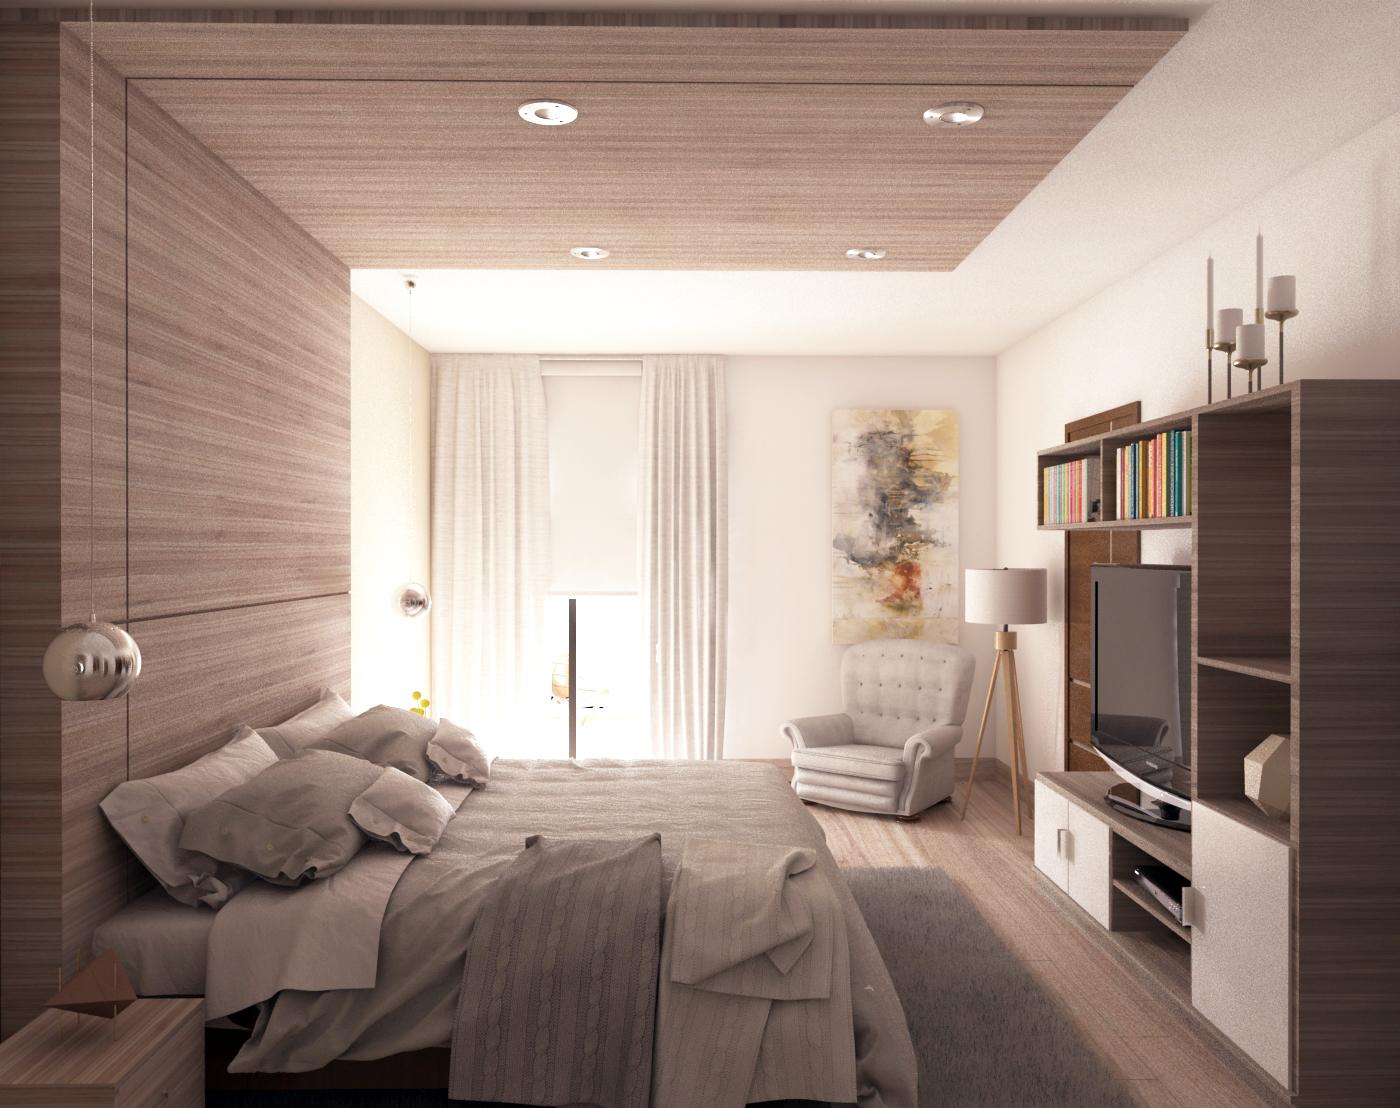 Como acomodar los muebles en una casa peque a decoracion - Como organizar los muebles en una casa pequena ...